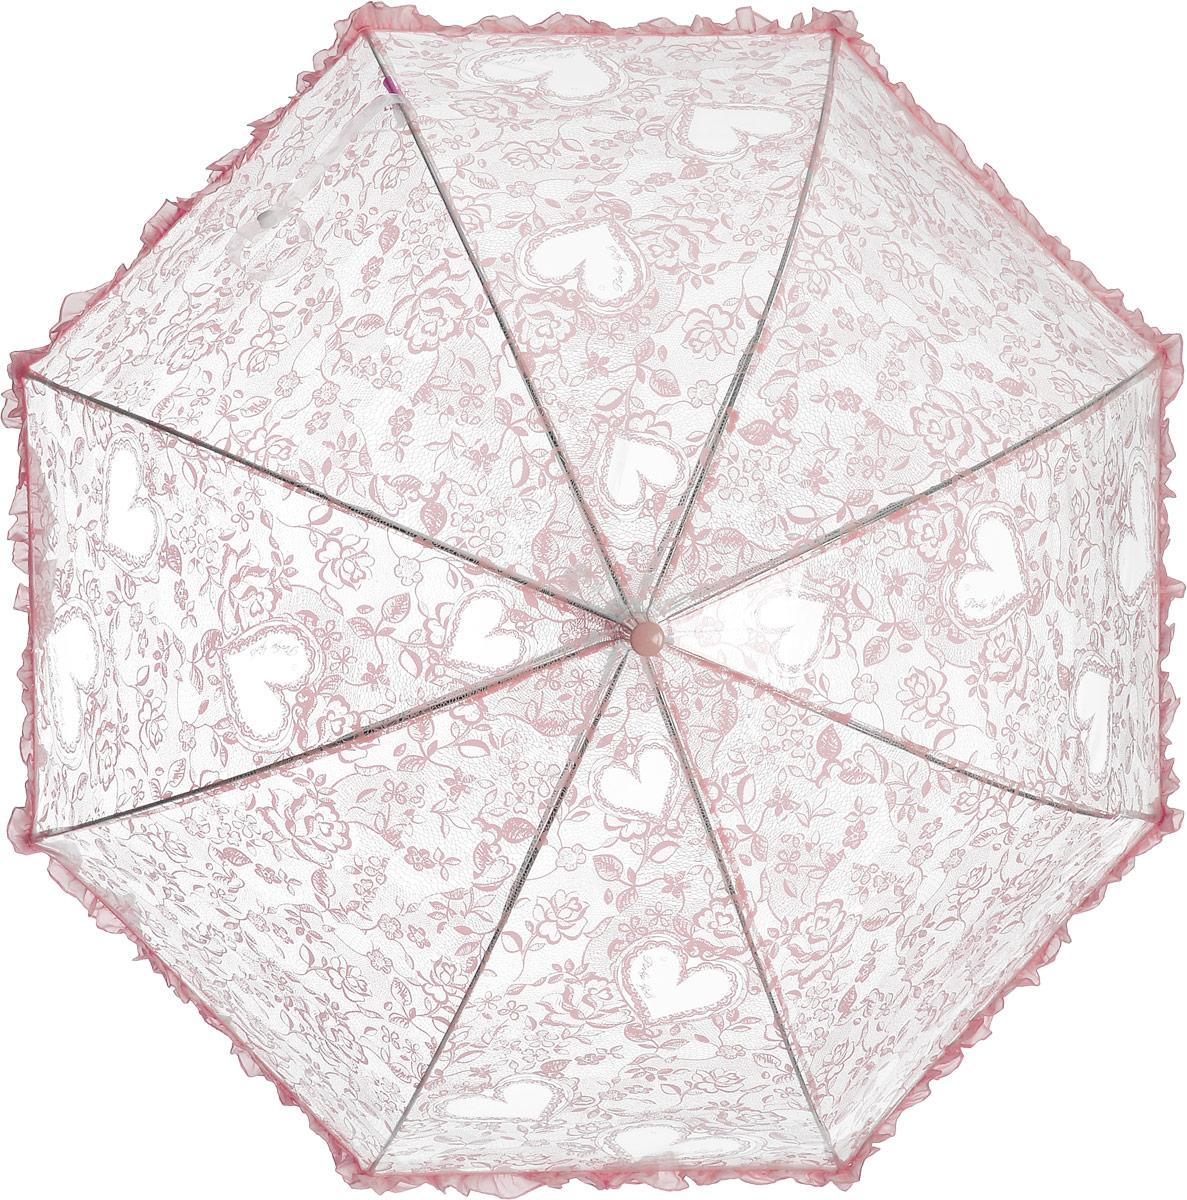 Зонт детский Airton, механический, трость, цвет: прозрачный, розовый. 1651-031651-03Замечательный прозрачный зонтик для юной модницы с рисунком Сердечки. Механихм зонта - полуавтомат. Аксессуар сделан с соблюдением всех стандартов безопасности, острые концы заблокированы специальными клипсами, ручка в форме крюка позволит легко повесить зонт даже на собственную руку.